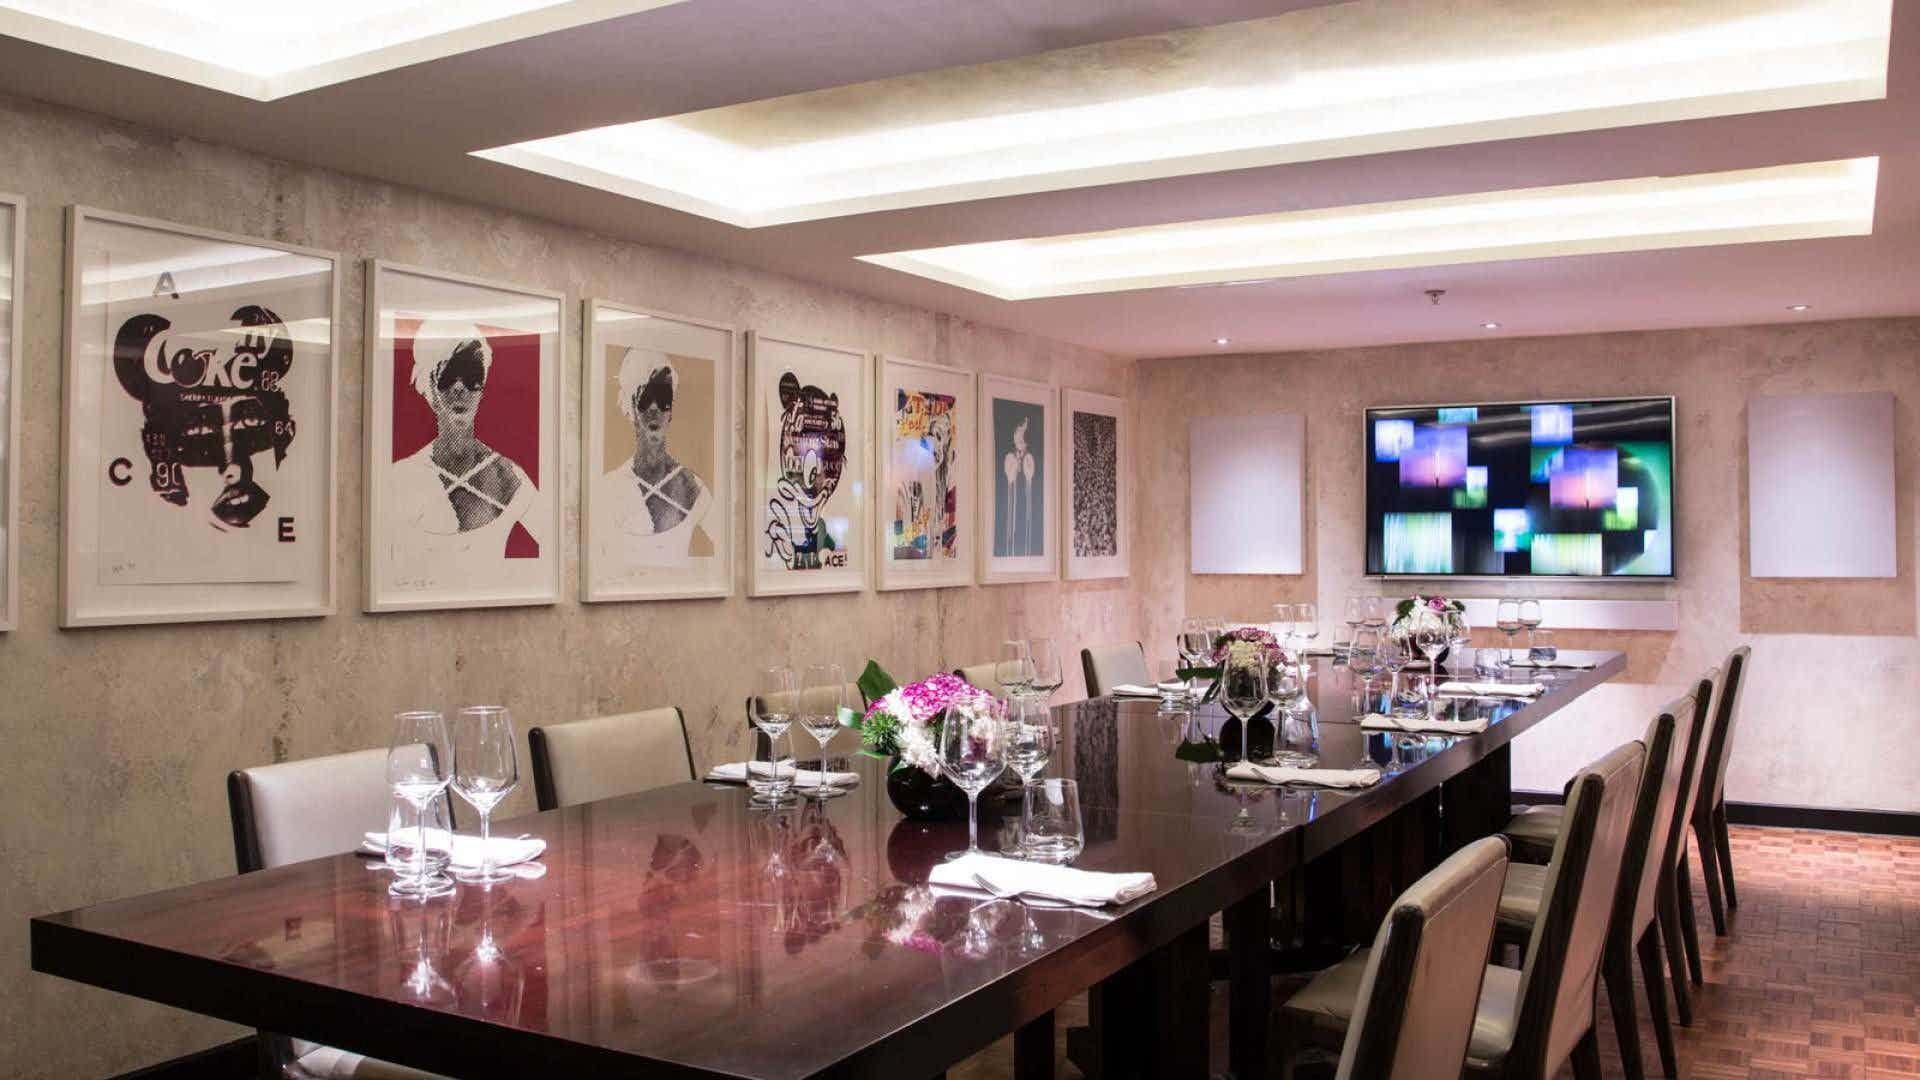 Media Room, Union Street Cafe